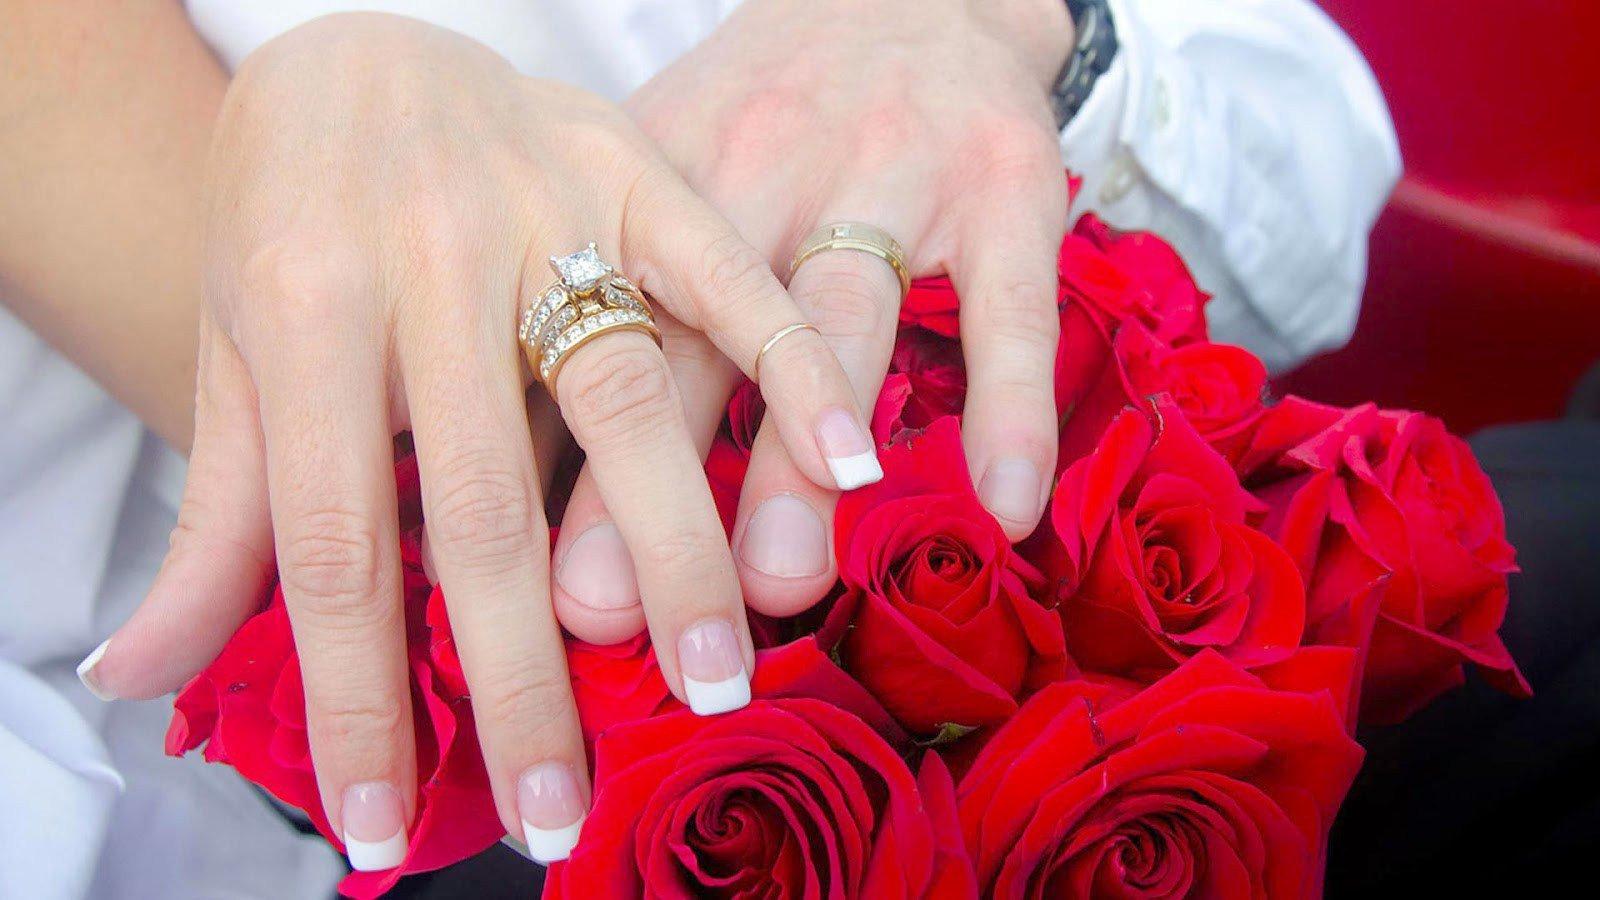 بالصور حلمت اني عروس وانا عزباء , تفسير حلم الزواج للعزباء 4402